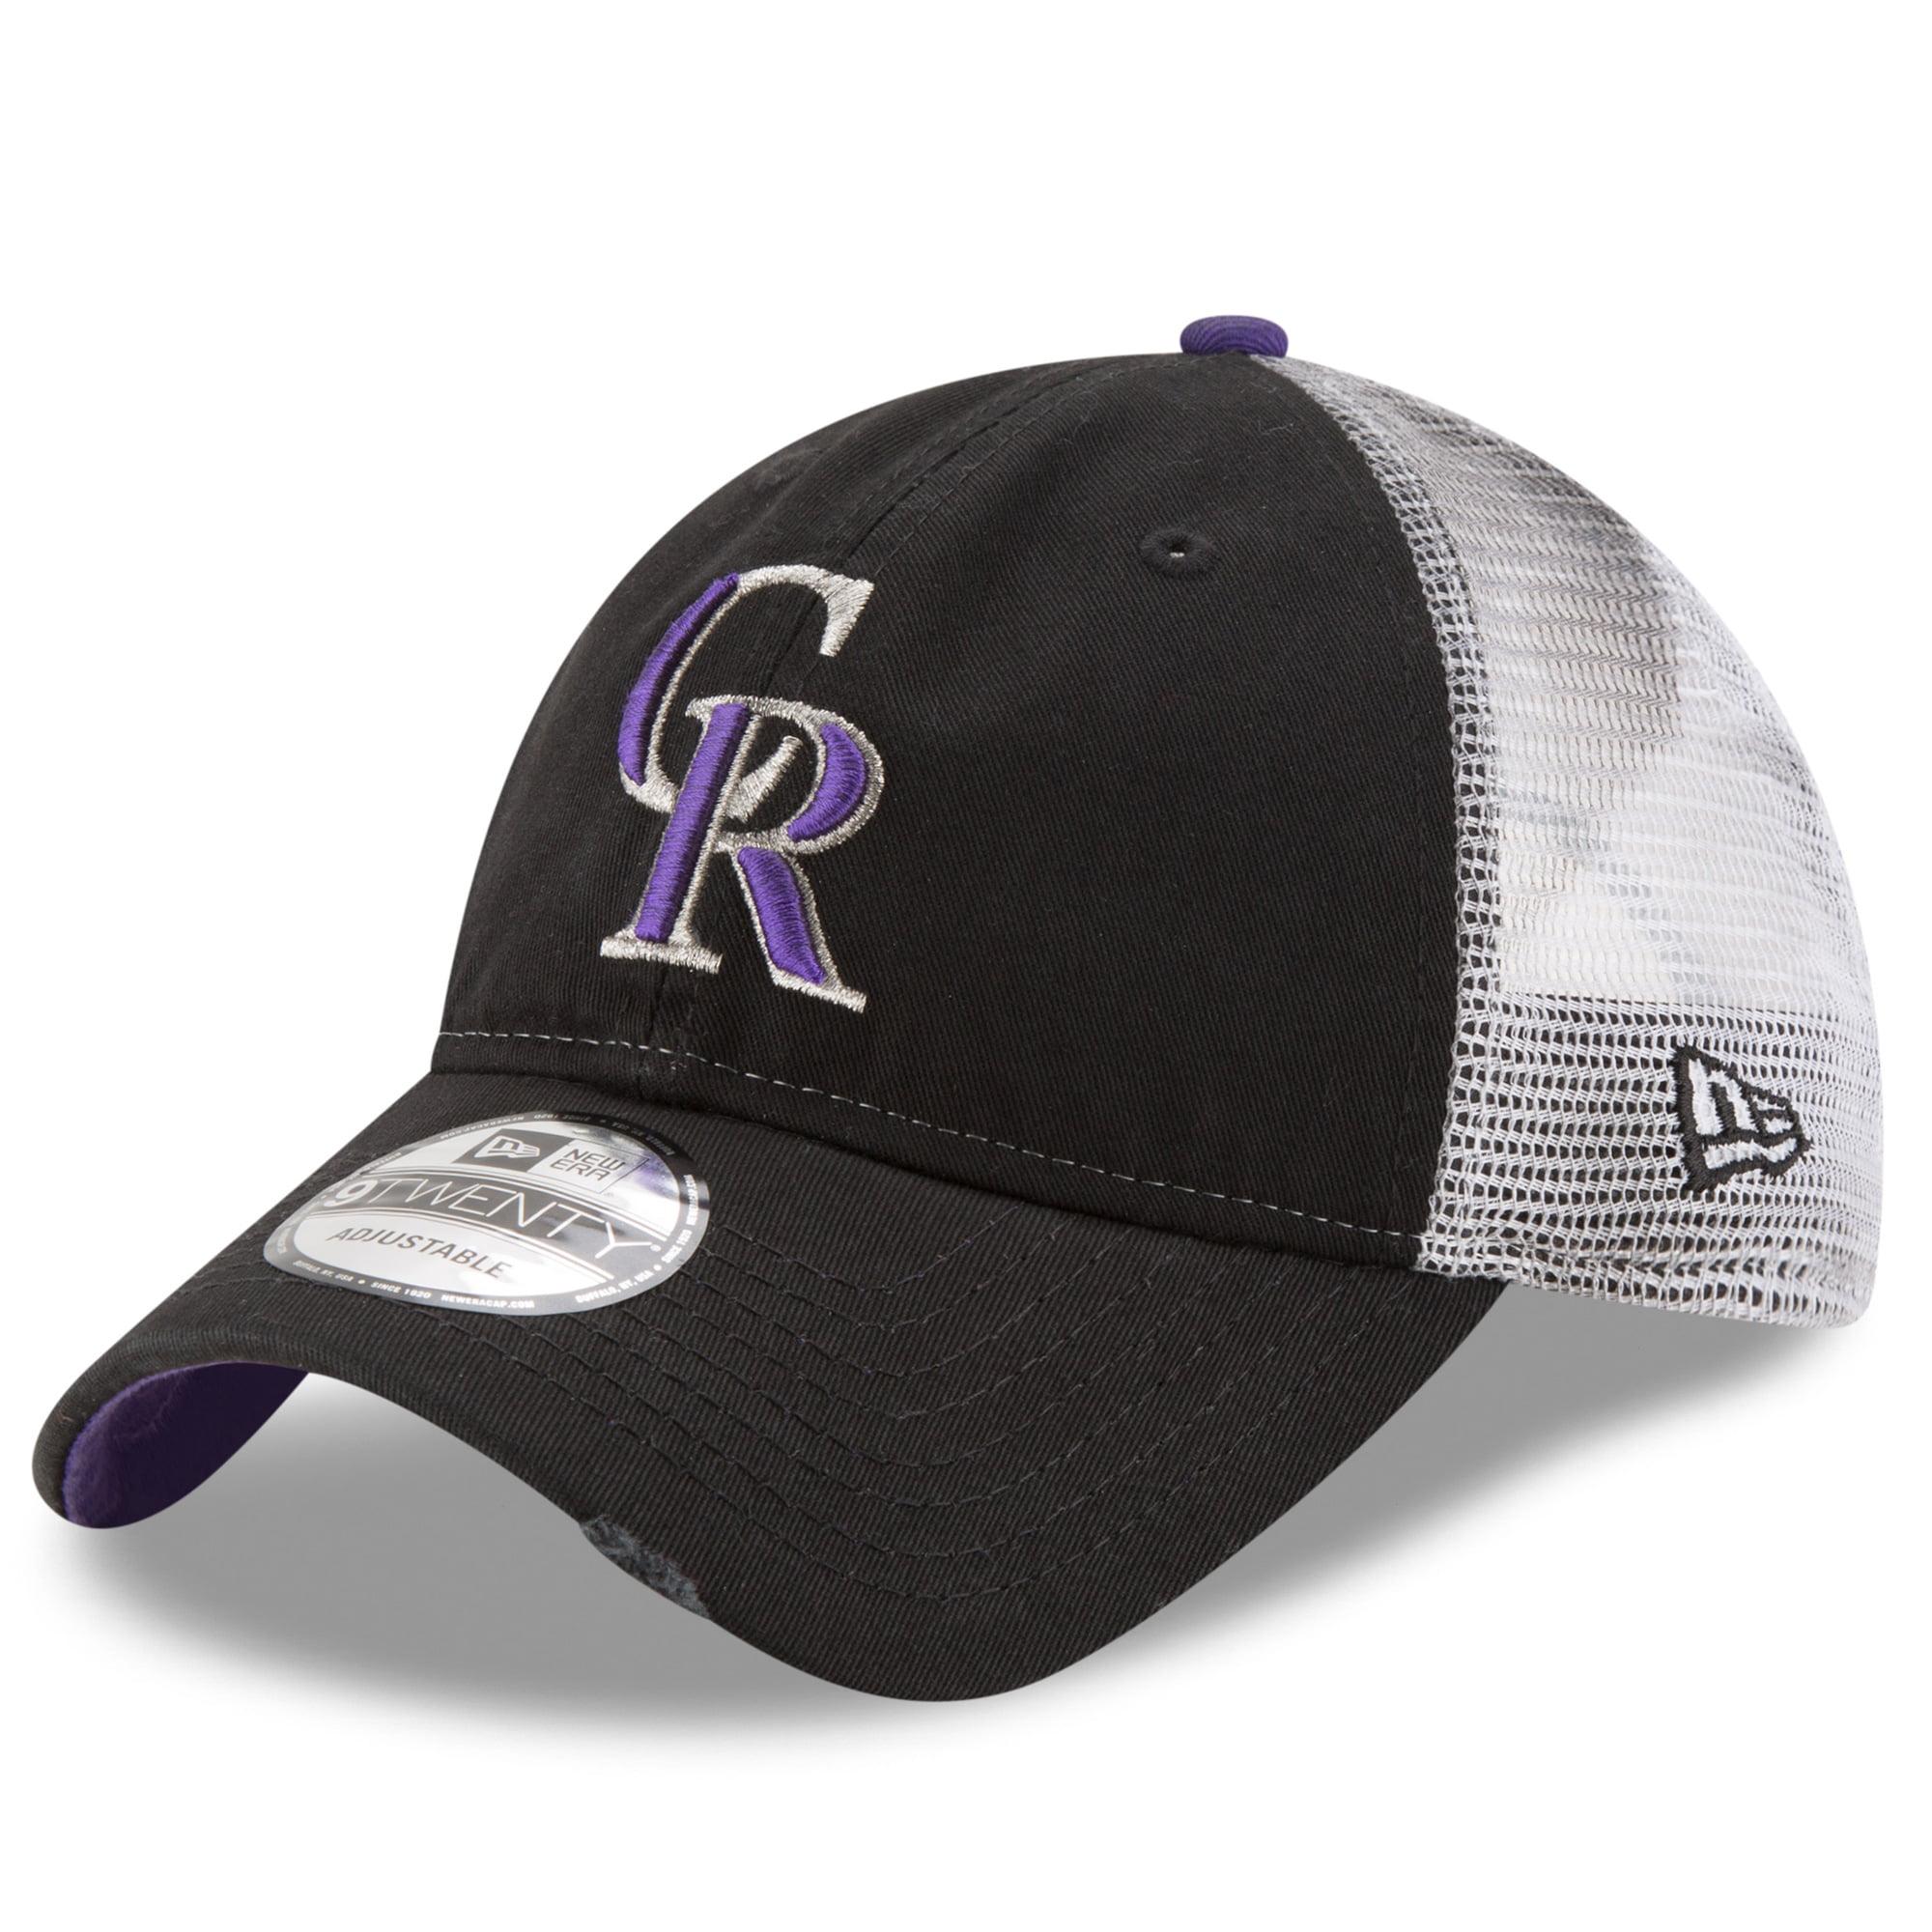 Colorado Rockies New Era Team Rustic 9TWENTY Adjustable Hat - Black - OSFA